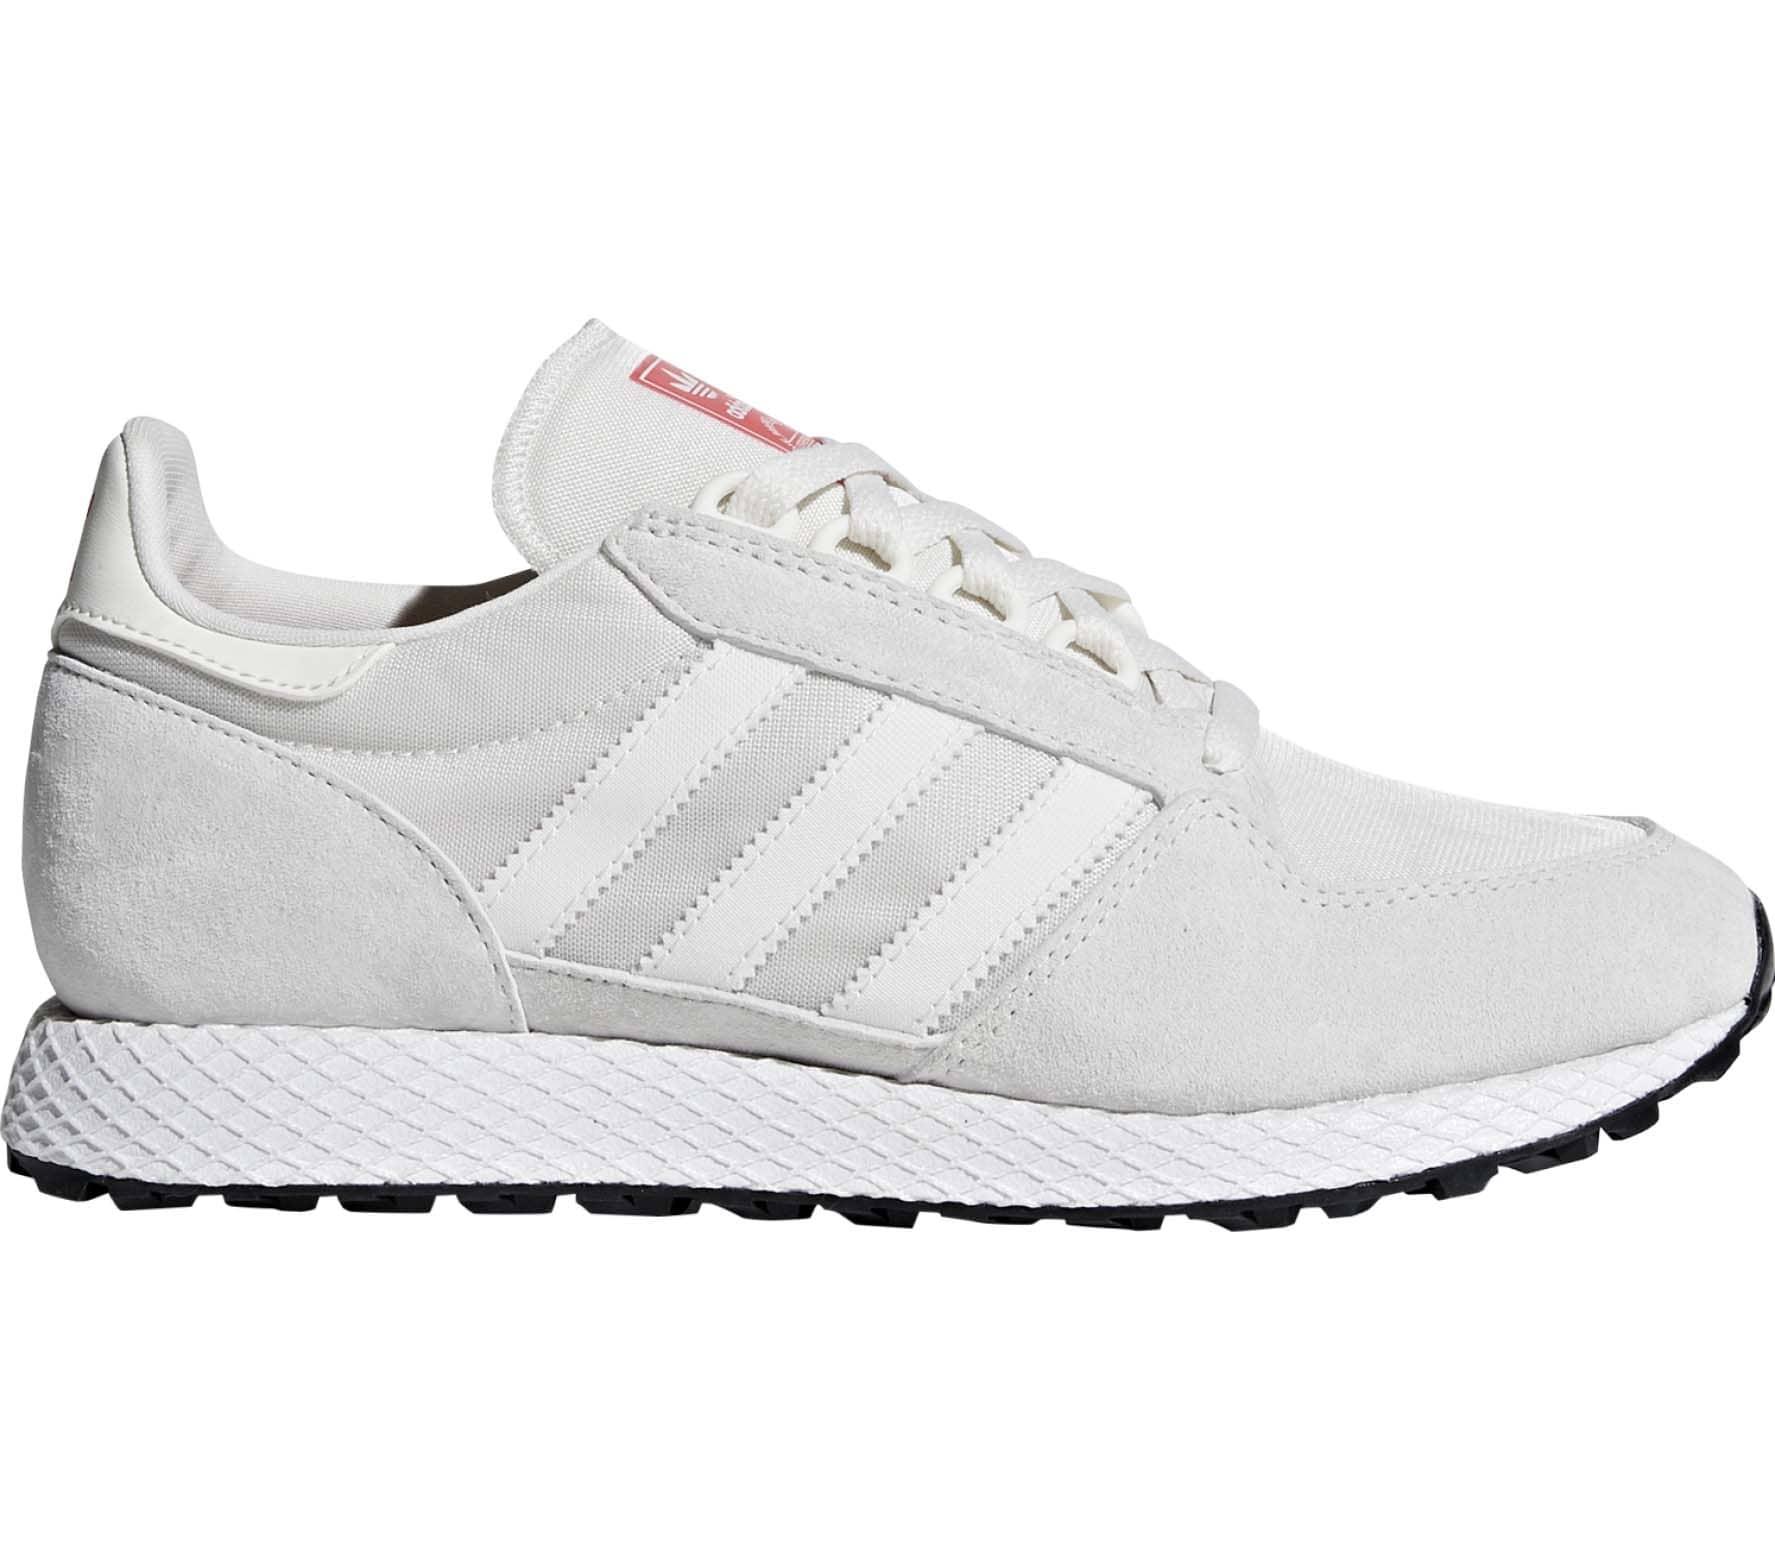 adidas Originals - Forest Grove Dam gymnastiksko (vit) - EU 36 2/3 - UK 4